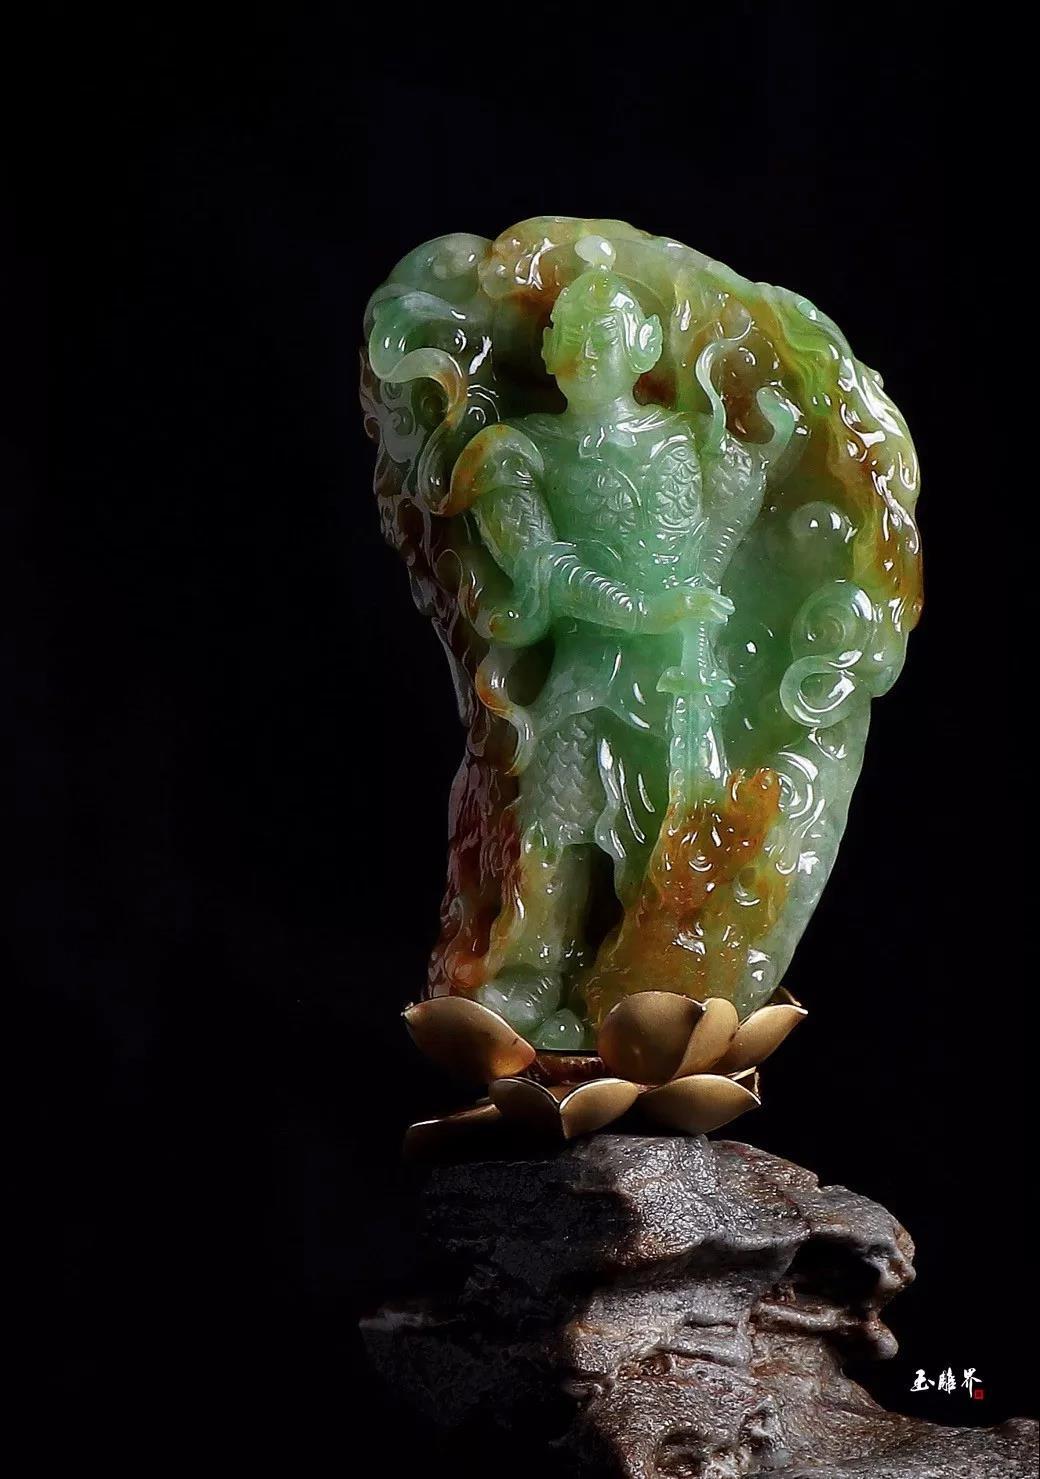 缅甸大马坎糯冰种黄加绿翡翠原石雕韦陀